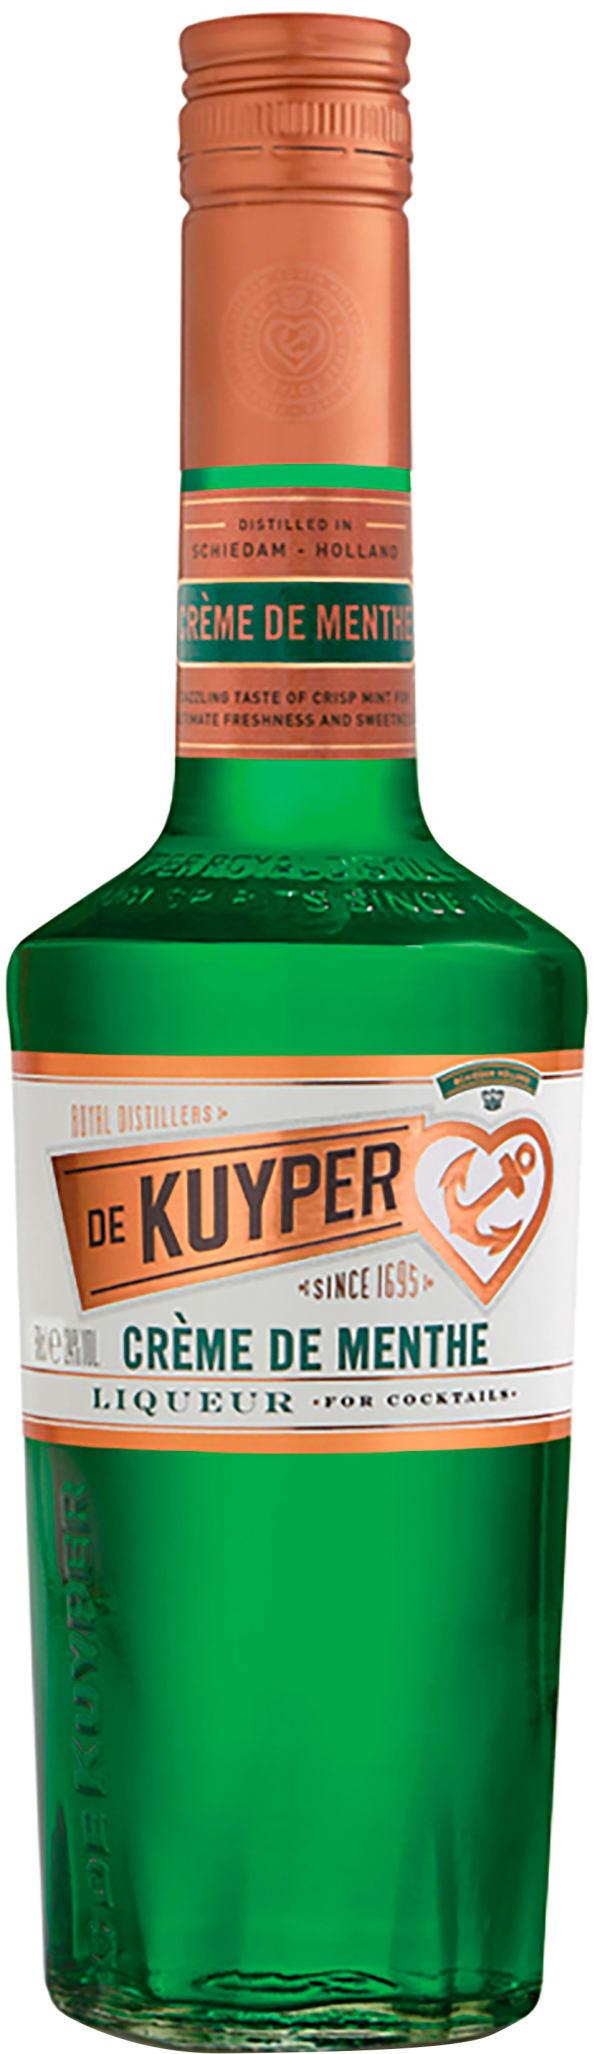 De Kuyper Crème de Menthe